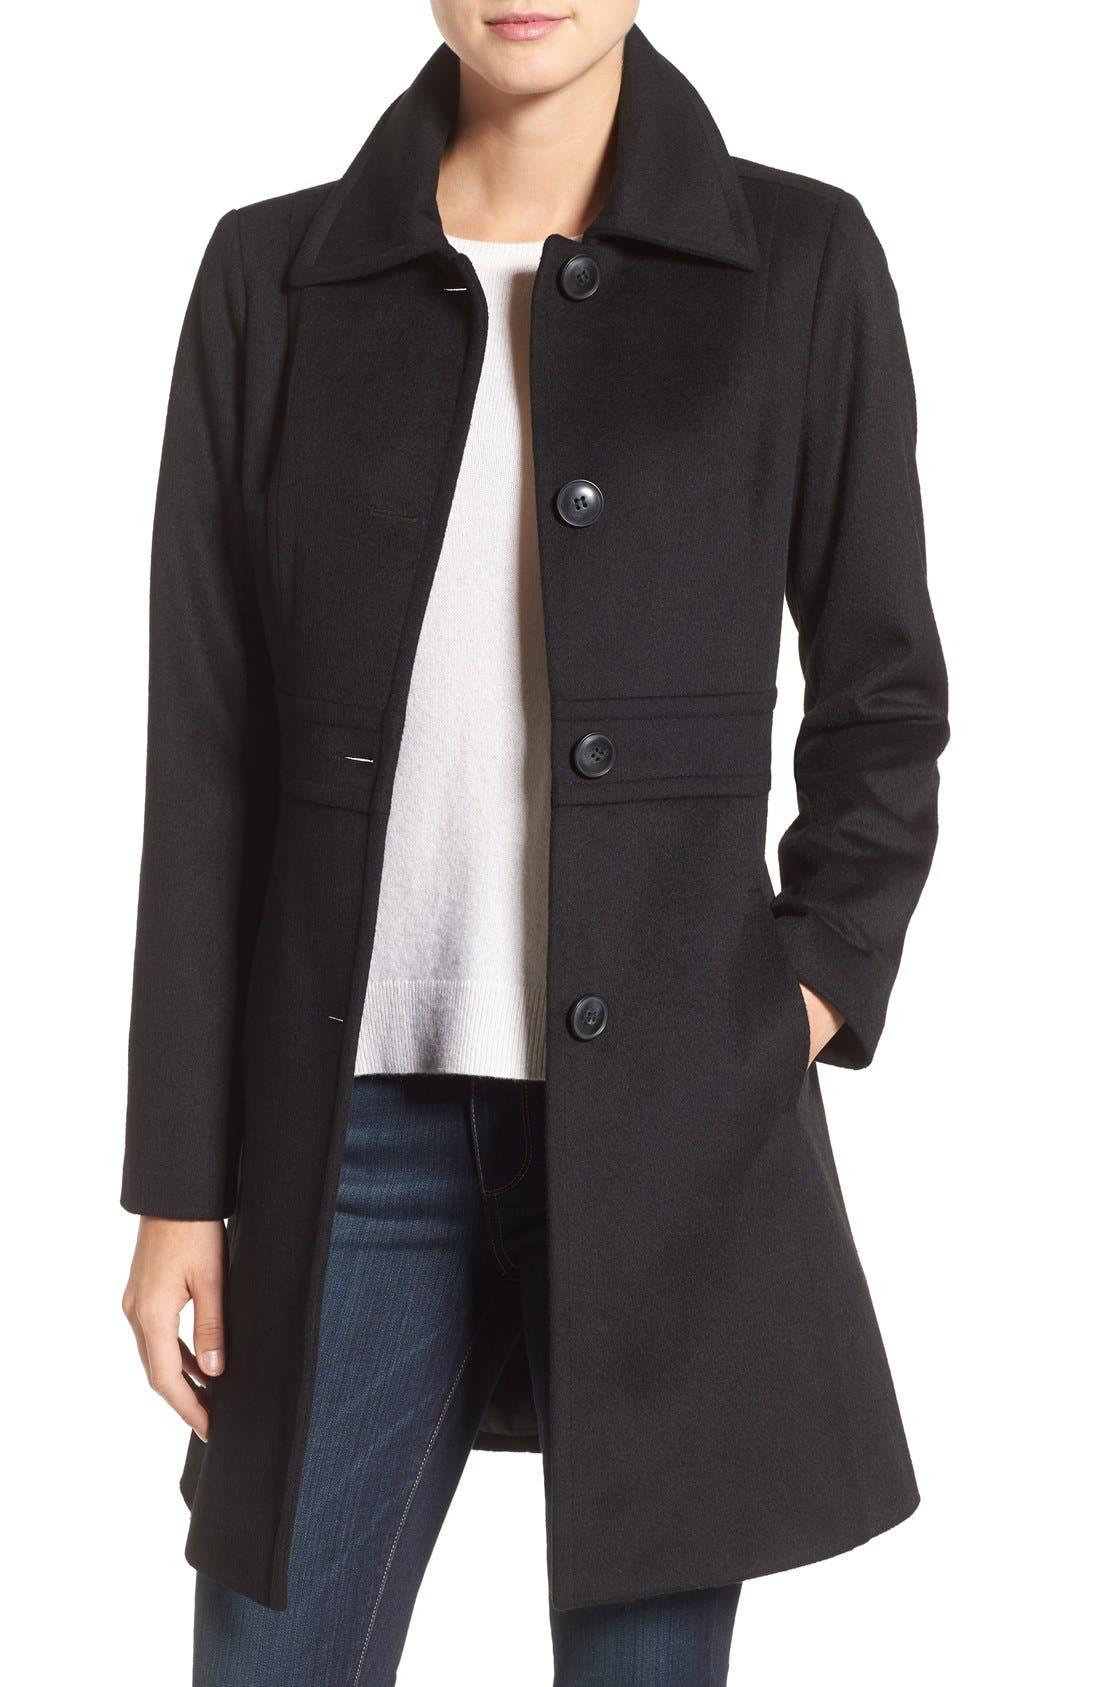 Main Image - Kristen Blake Wool Blend Walking Coat (Regular & Petite)